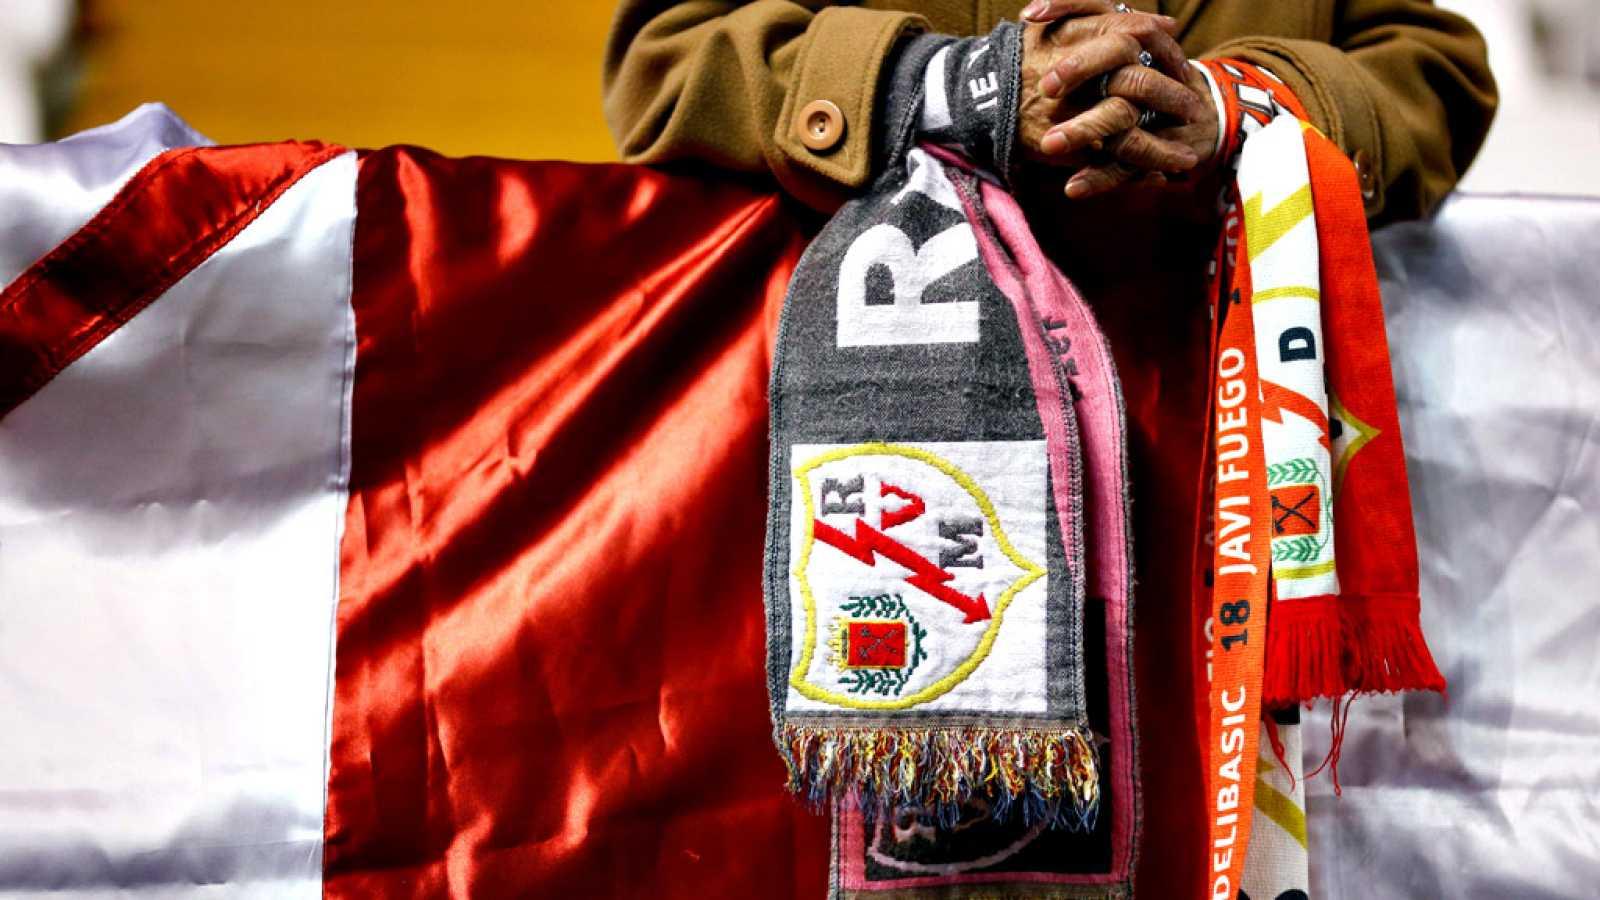 """Los insultos al ucraniano Román Zozulya, al que calificaron de """"puto nazi"""" una parte de los aficionados del Rayo situados en el fondo del estadio de Vallecas, provocaron que el partido entre el equipo madrileño y el Albacete se suspendiera tras un a"""